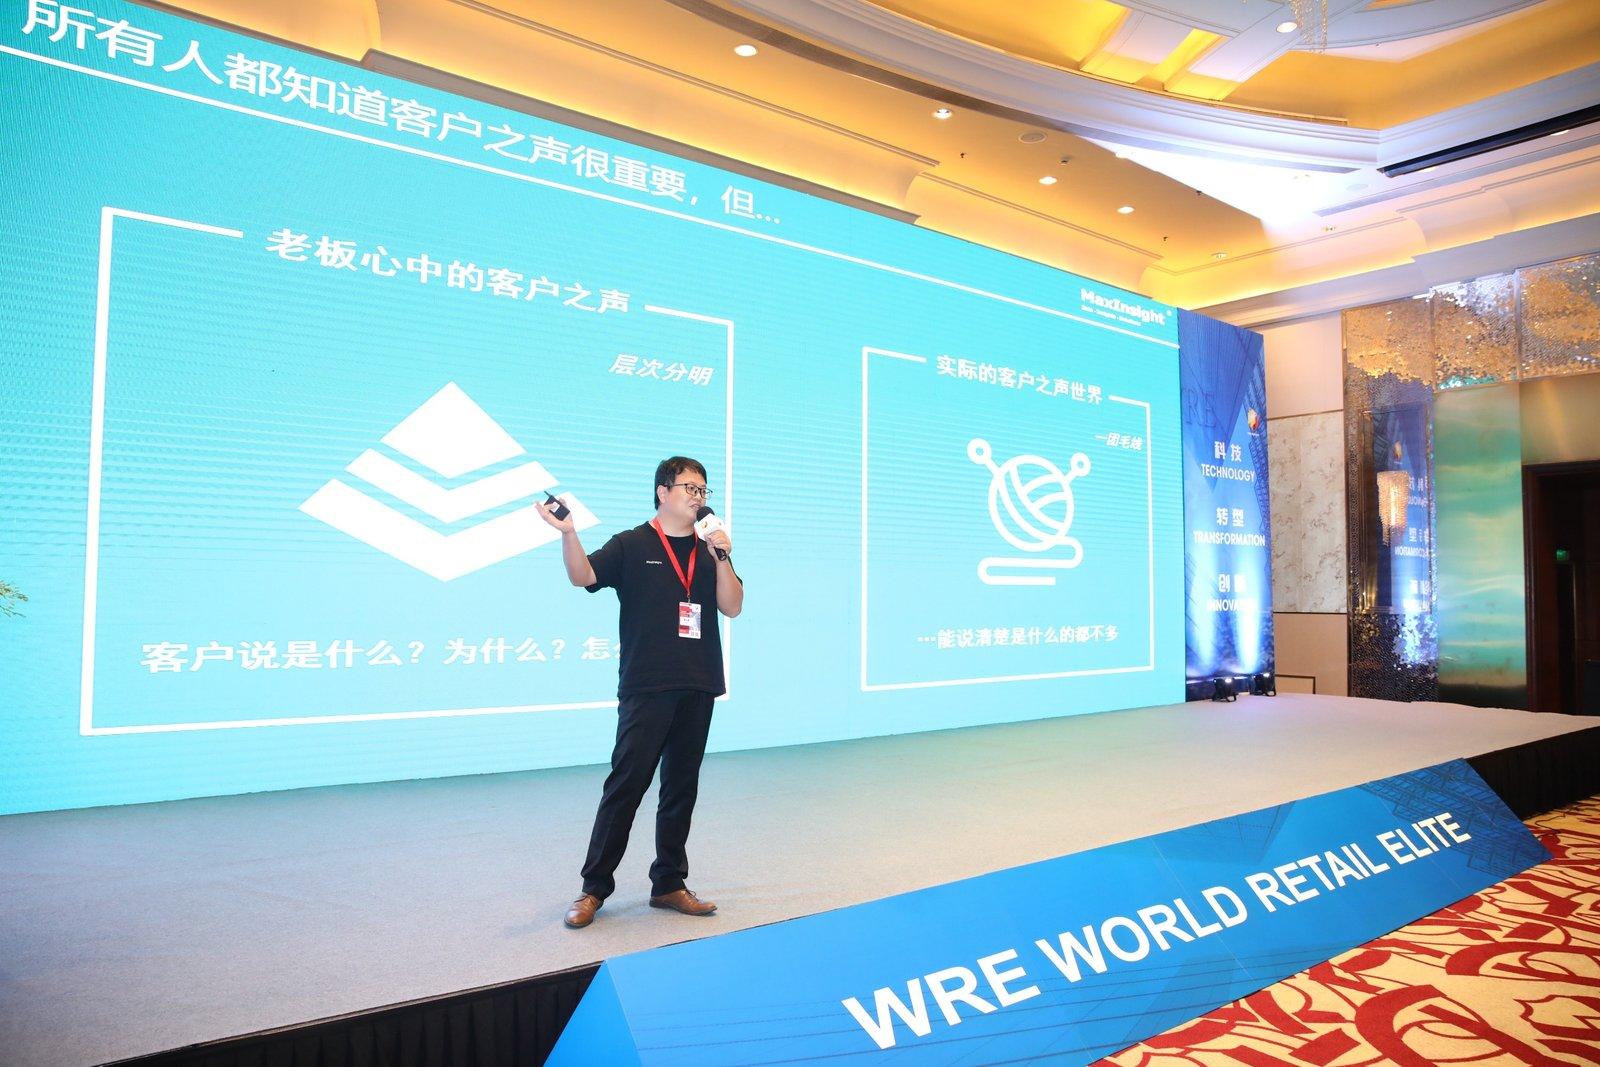 """卓思斩获WRE数字化转型峰会""""最佳零售体验管理解决方案创新奖""""插图"""